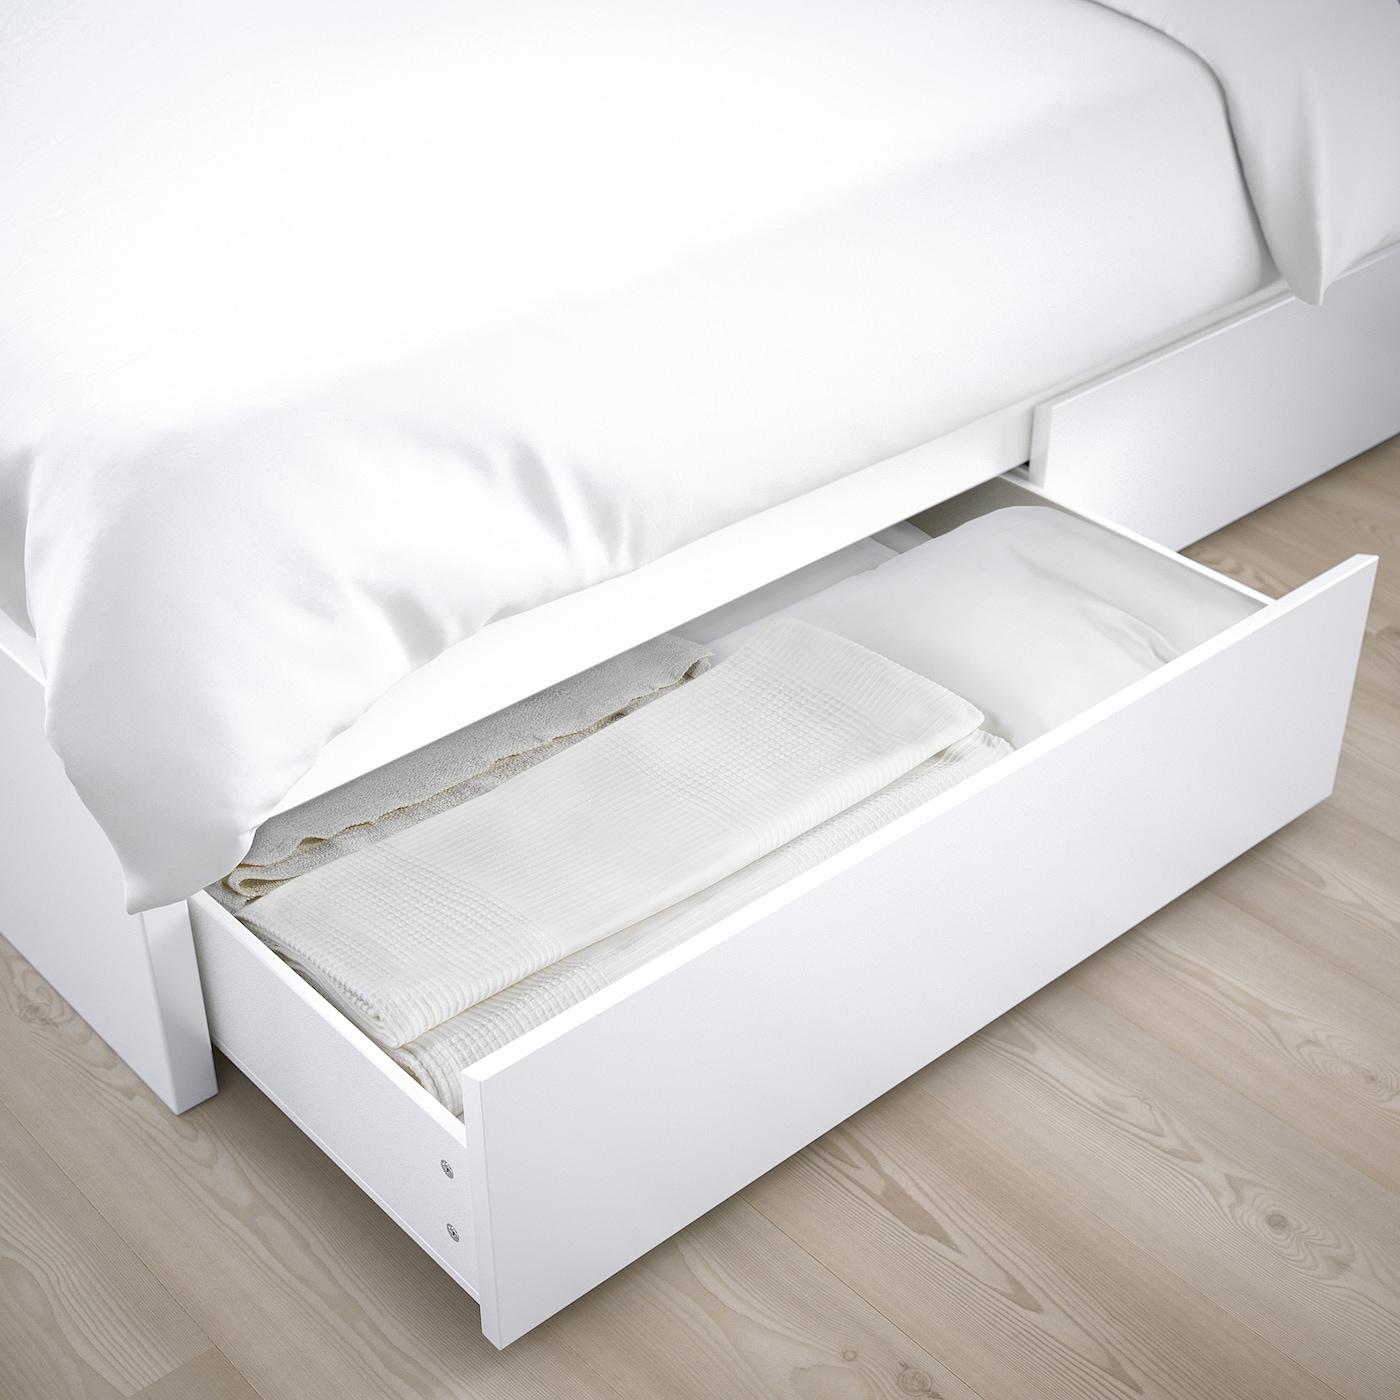 MALM Bettgestell hoch mit 12 Schubladen   weiß 12x12 cm